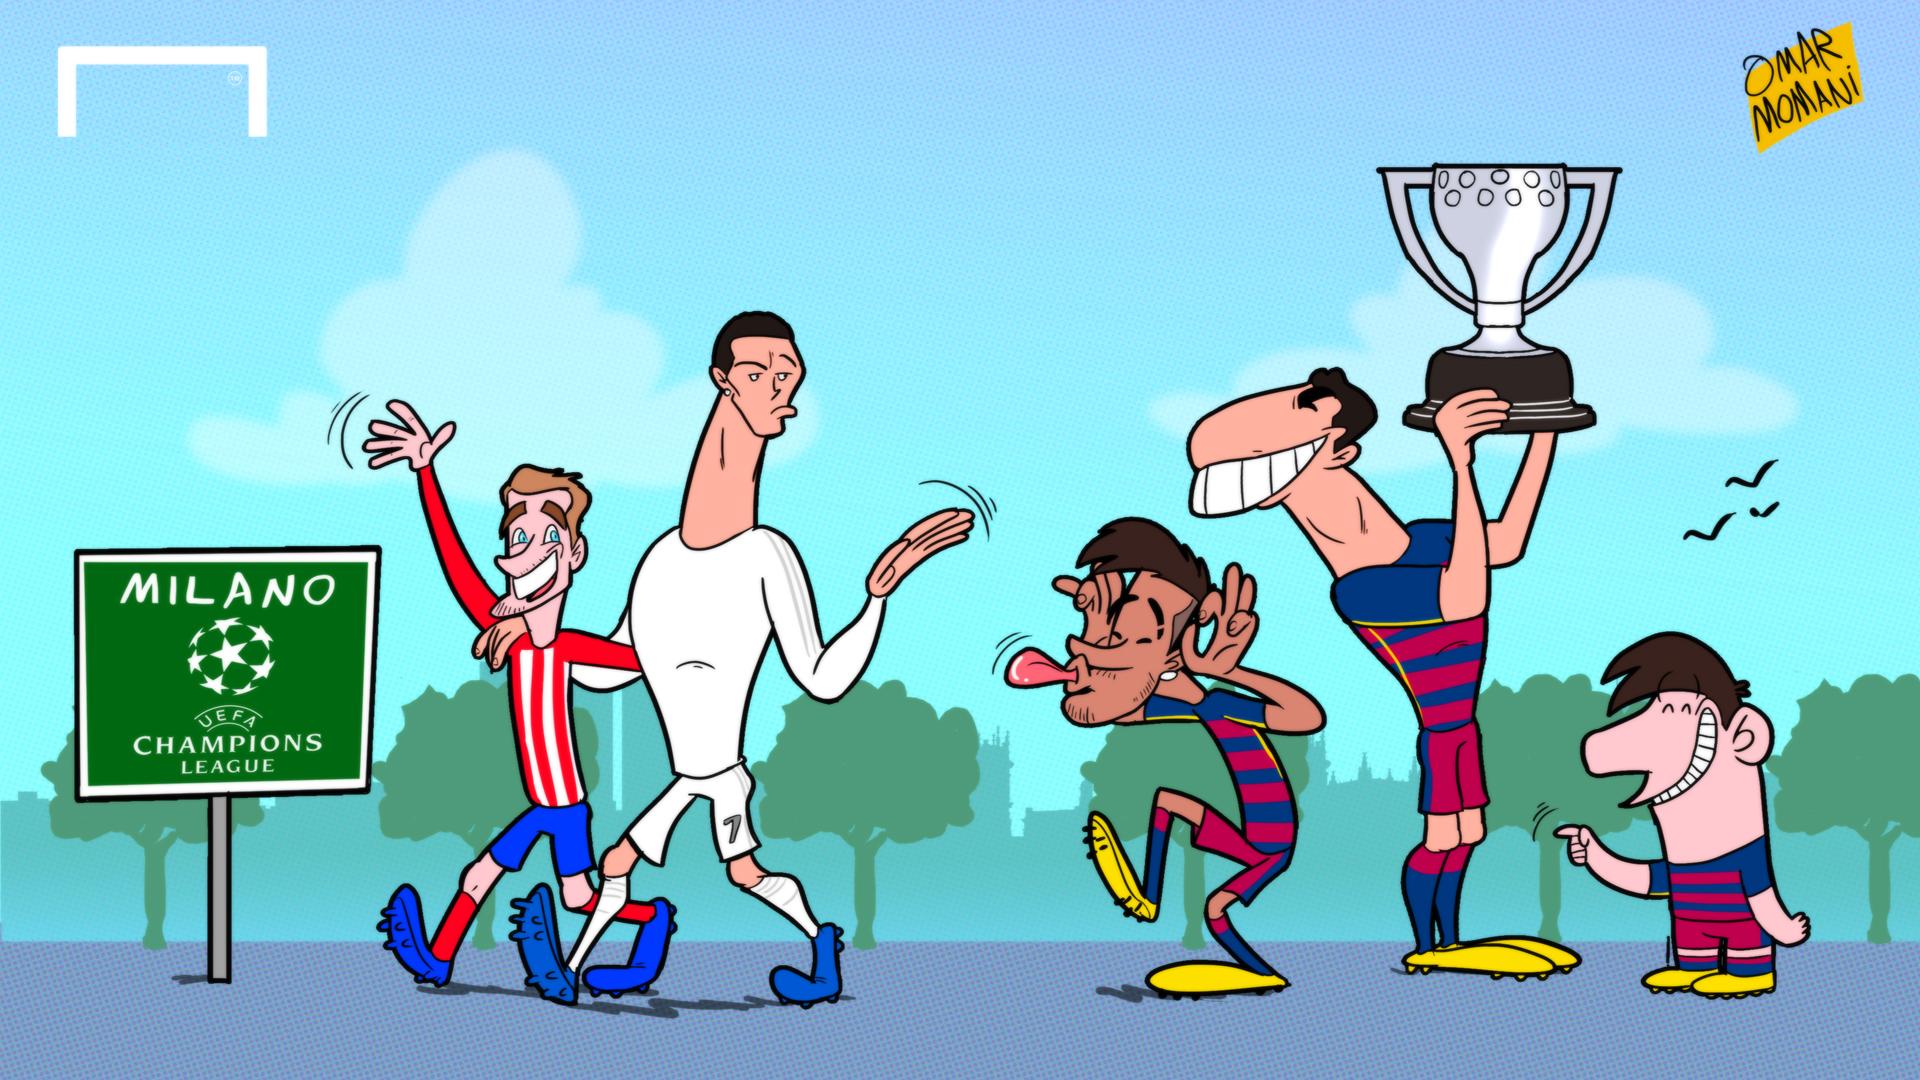 La Liga: Barcelona Win La Liga